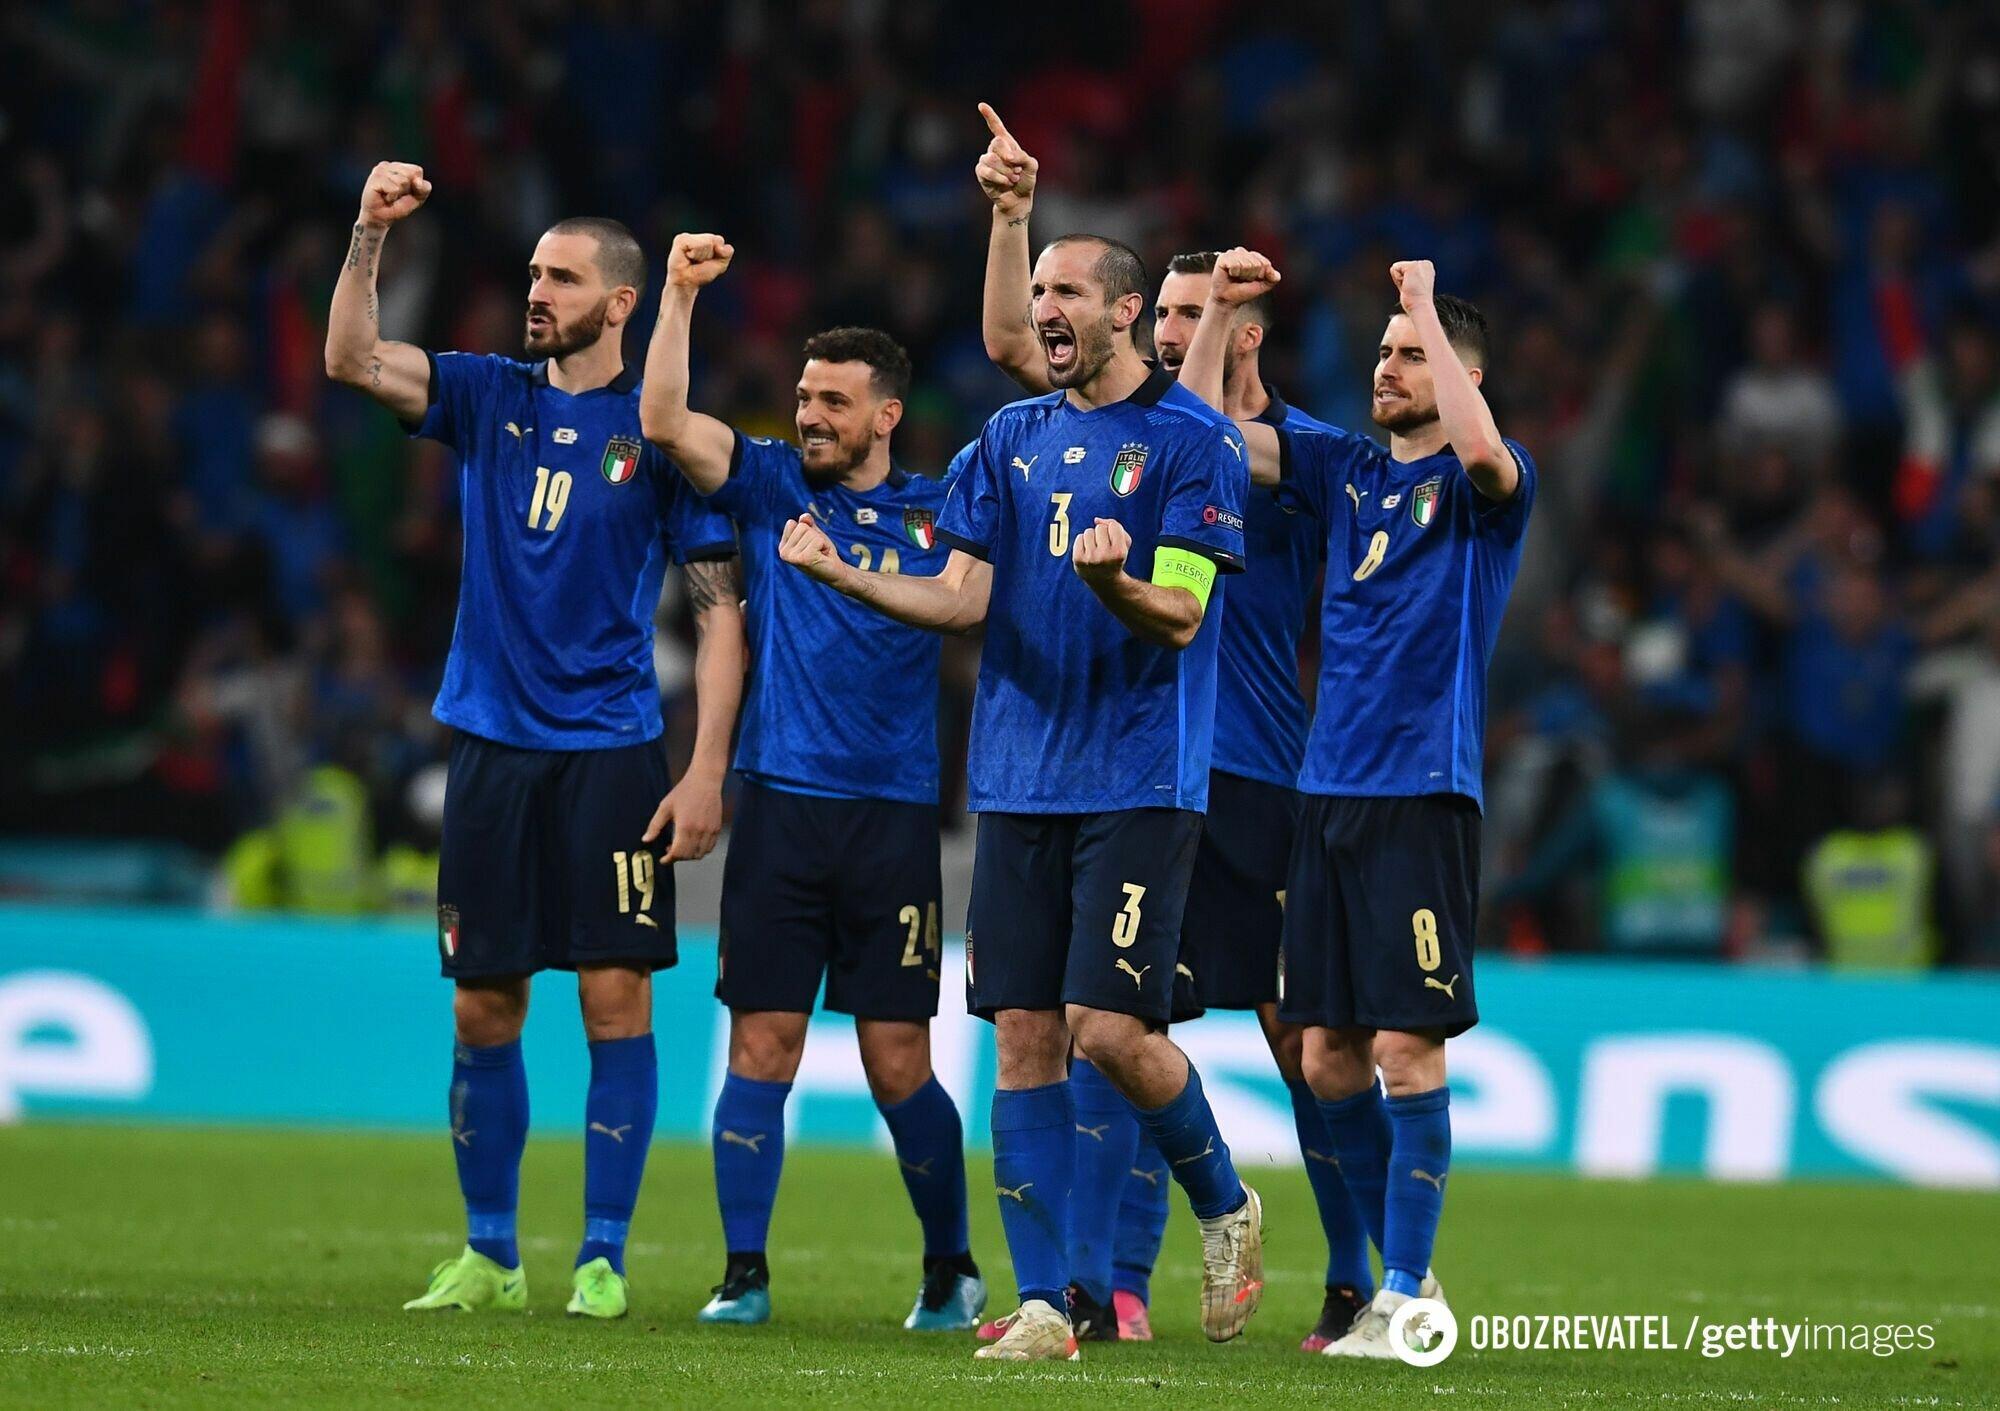 Италия выиграла Евро-2020.